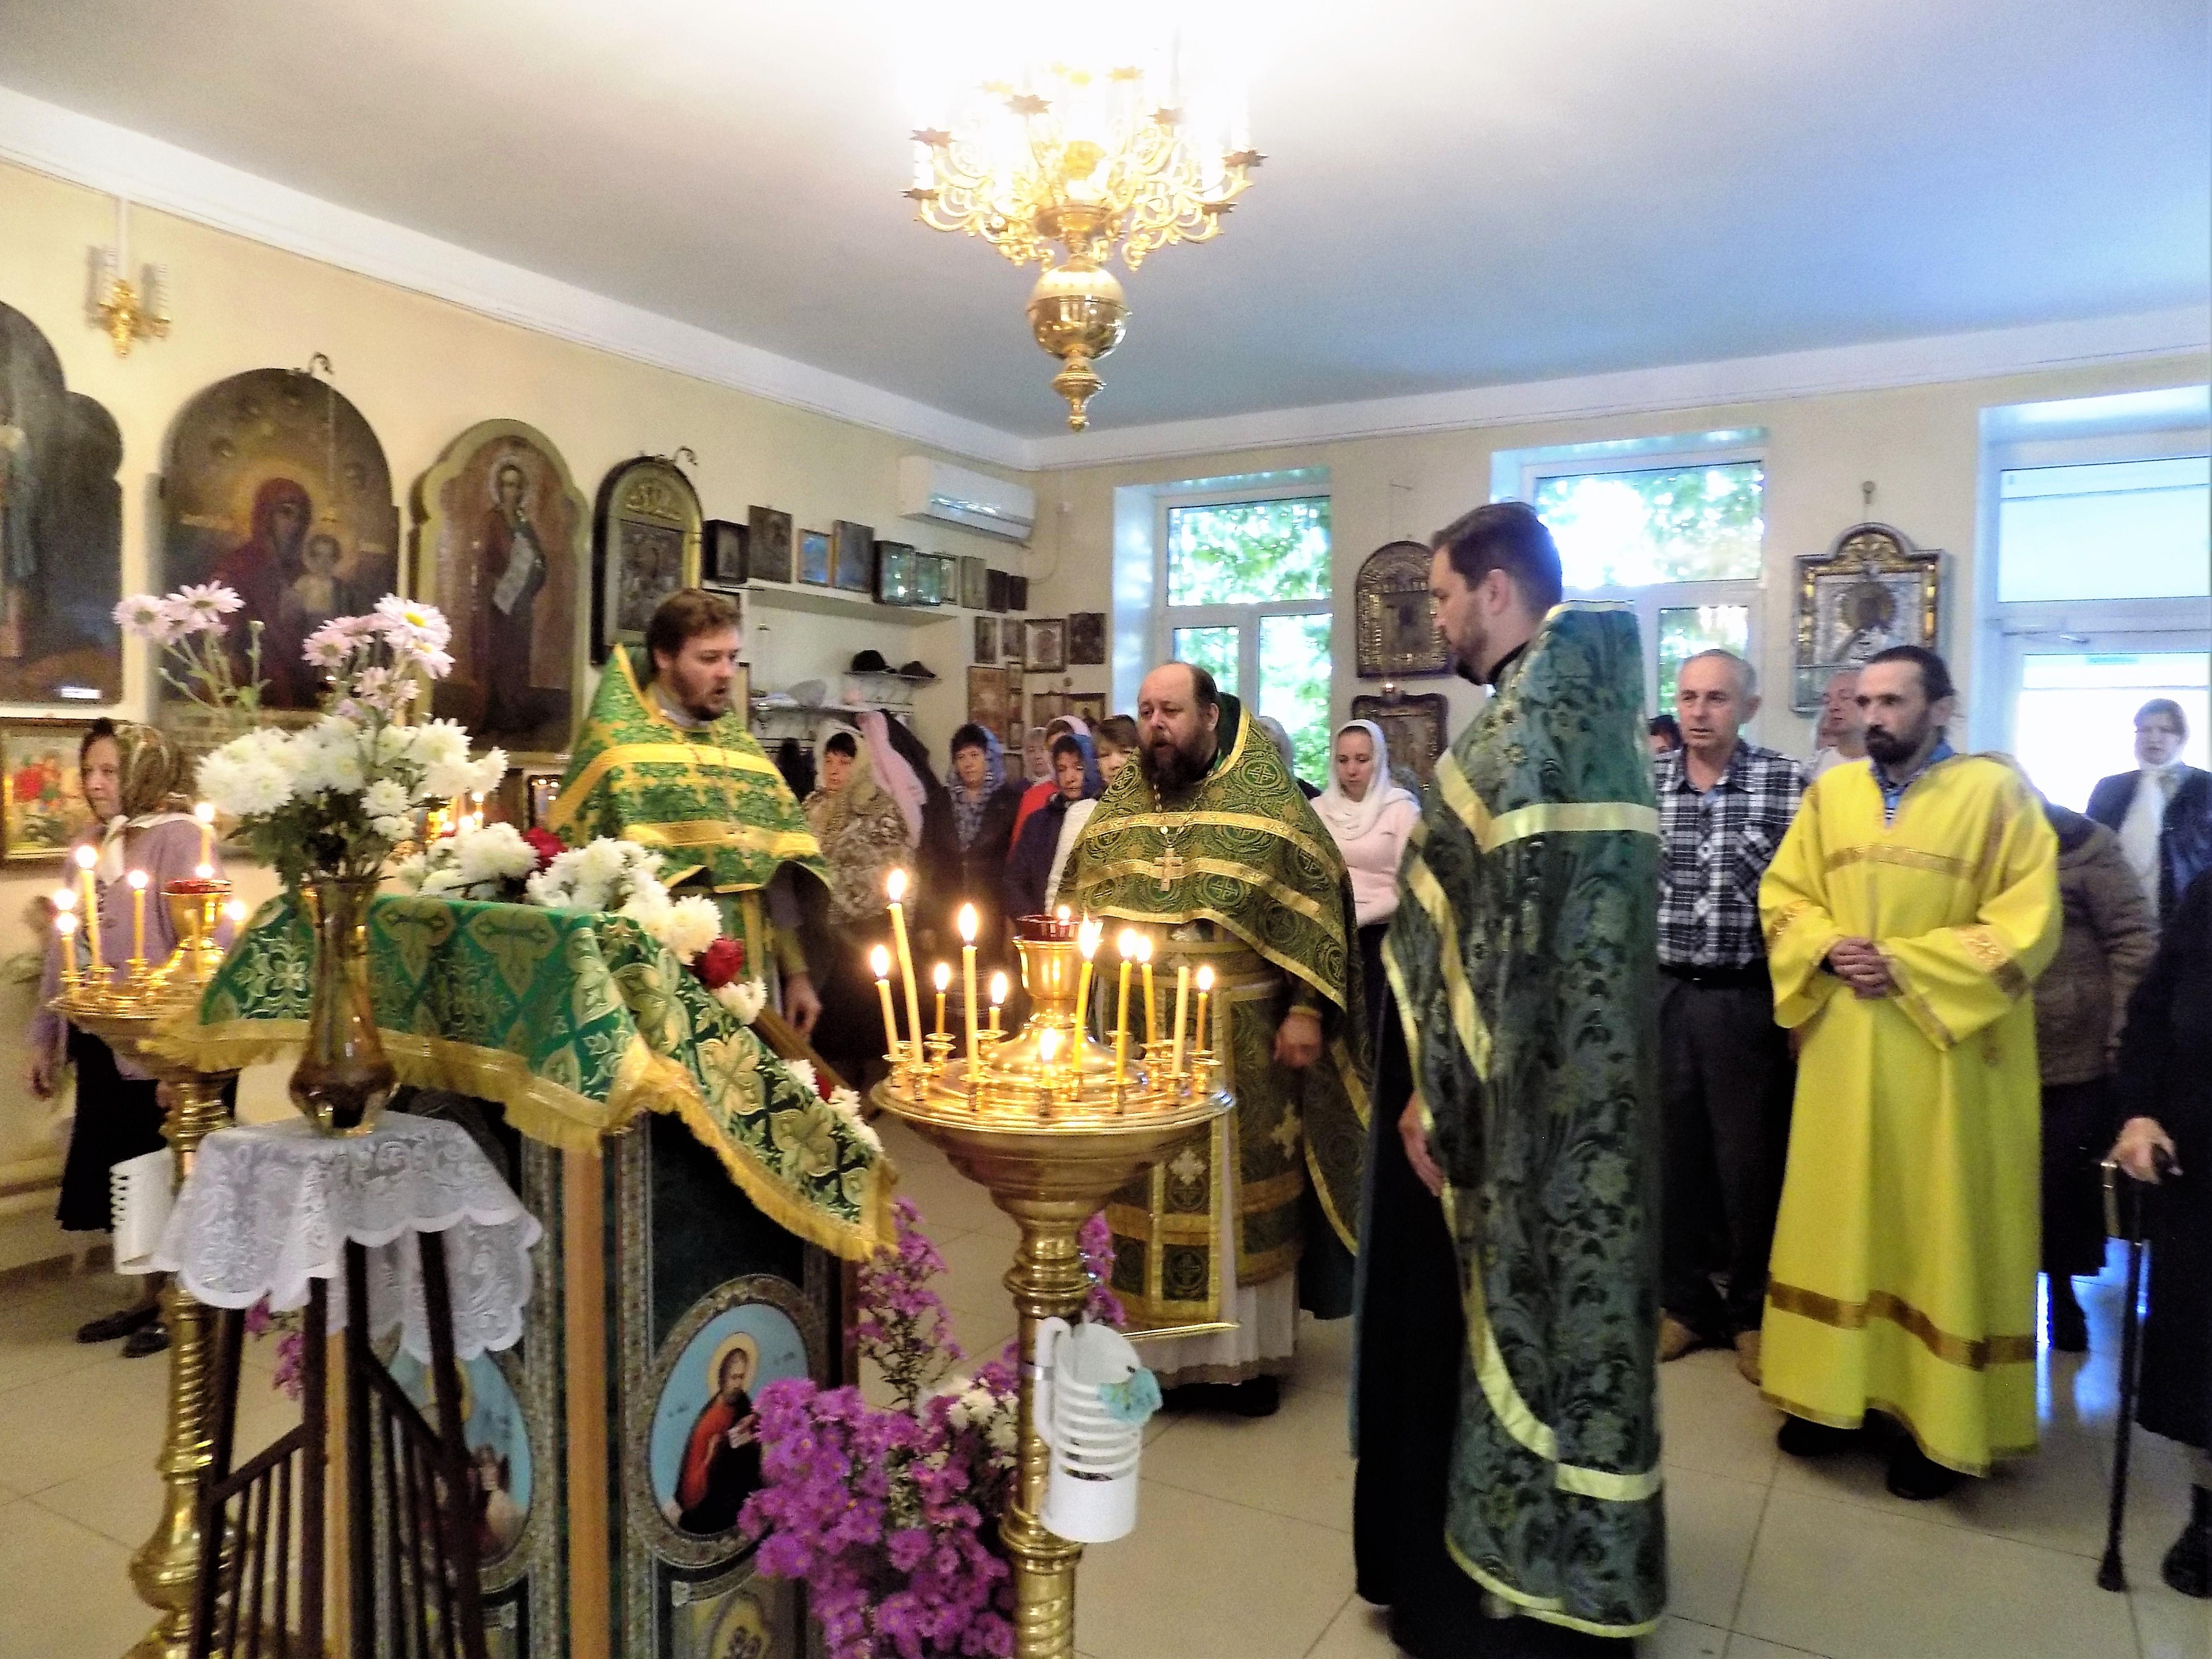 Престольный праздник в храме преподобного Сергия Радонежского в селе Оранжереи